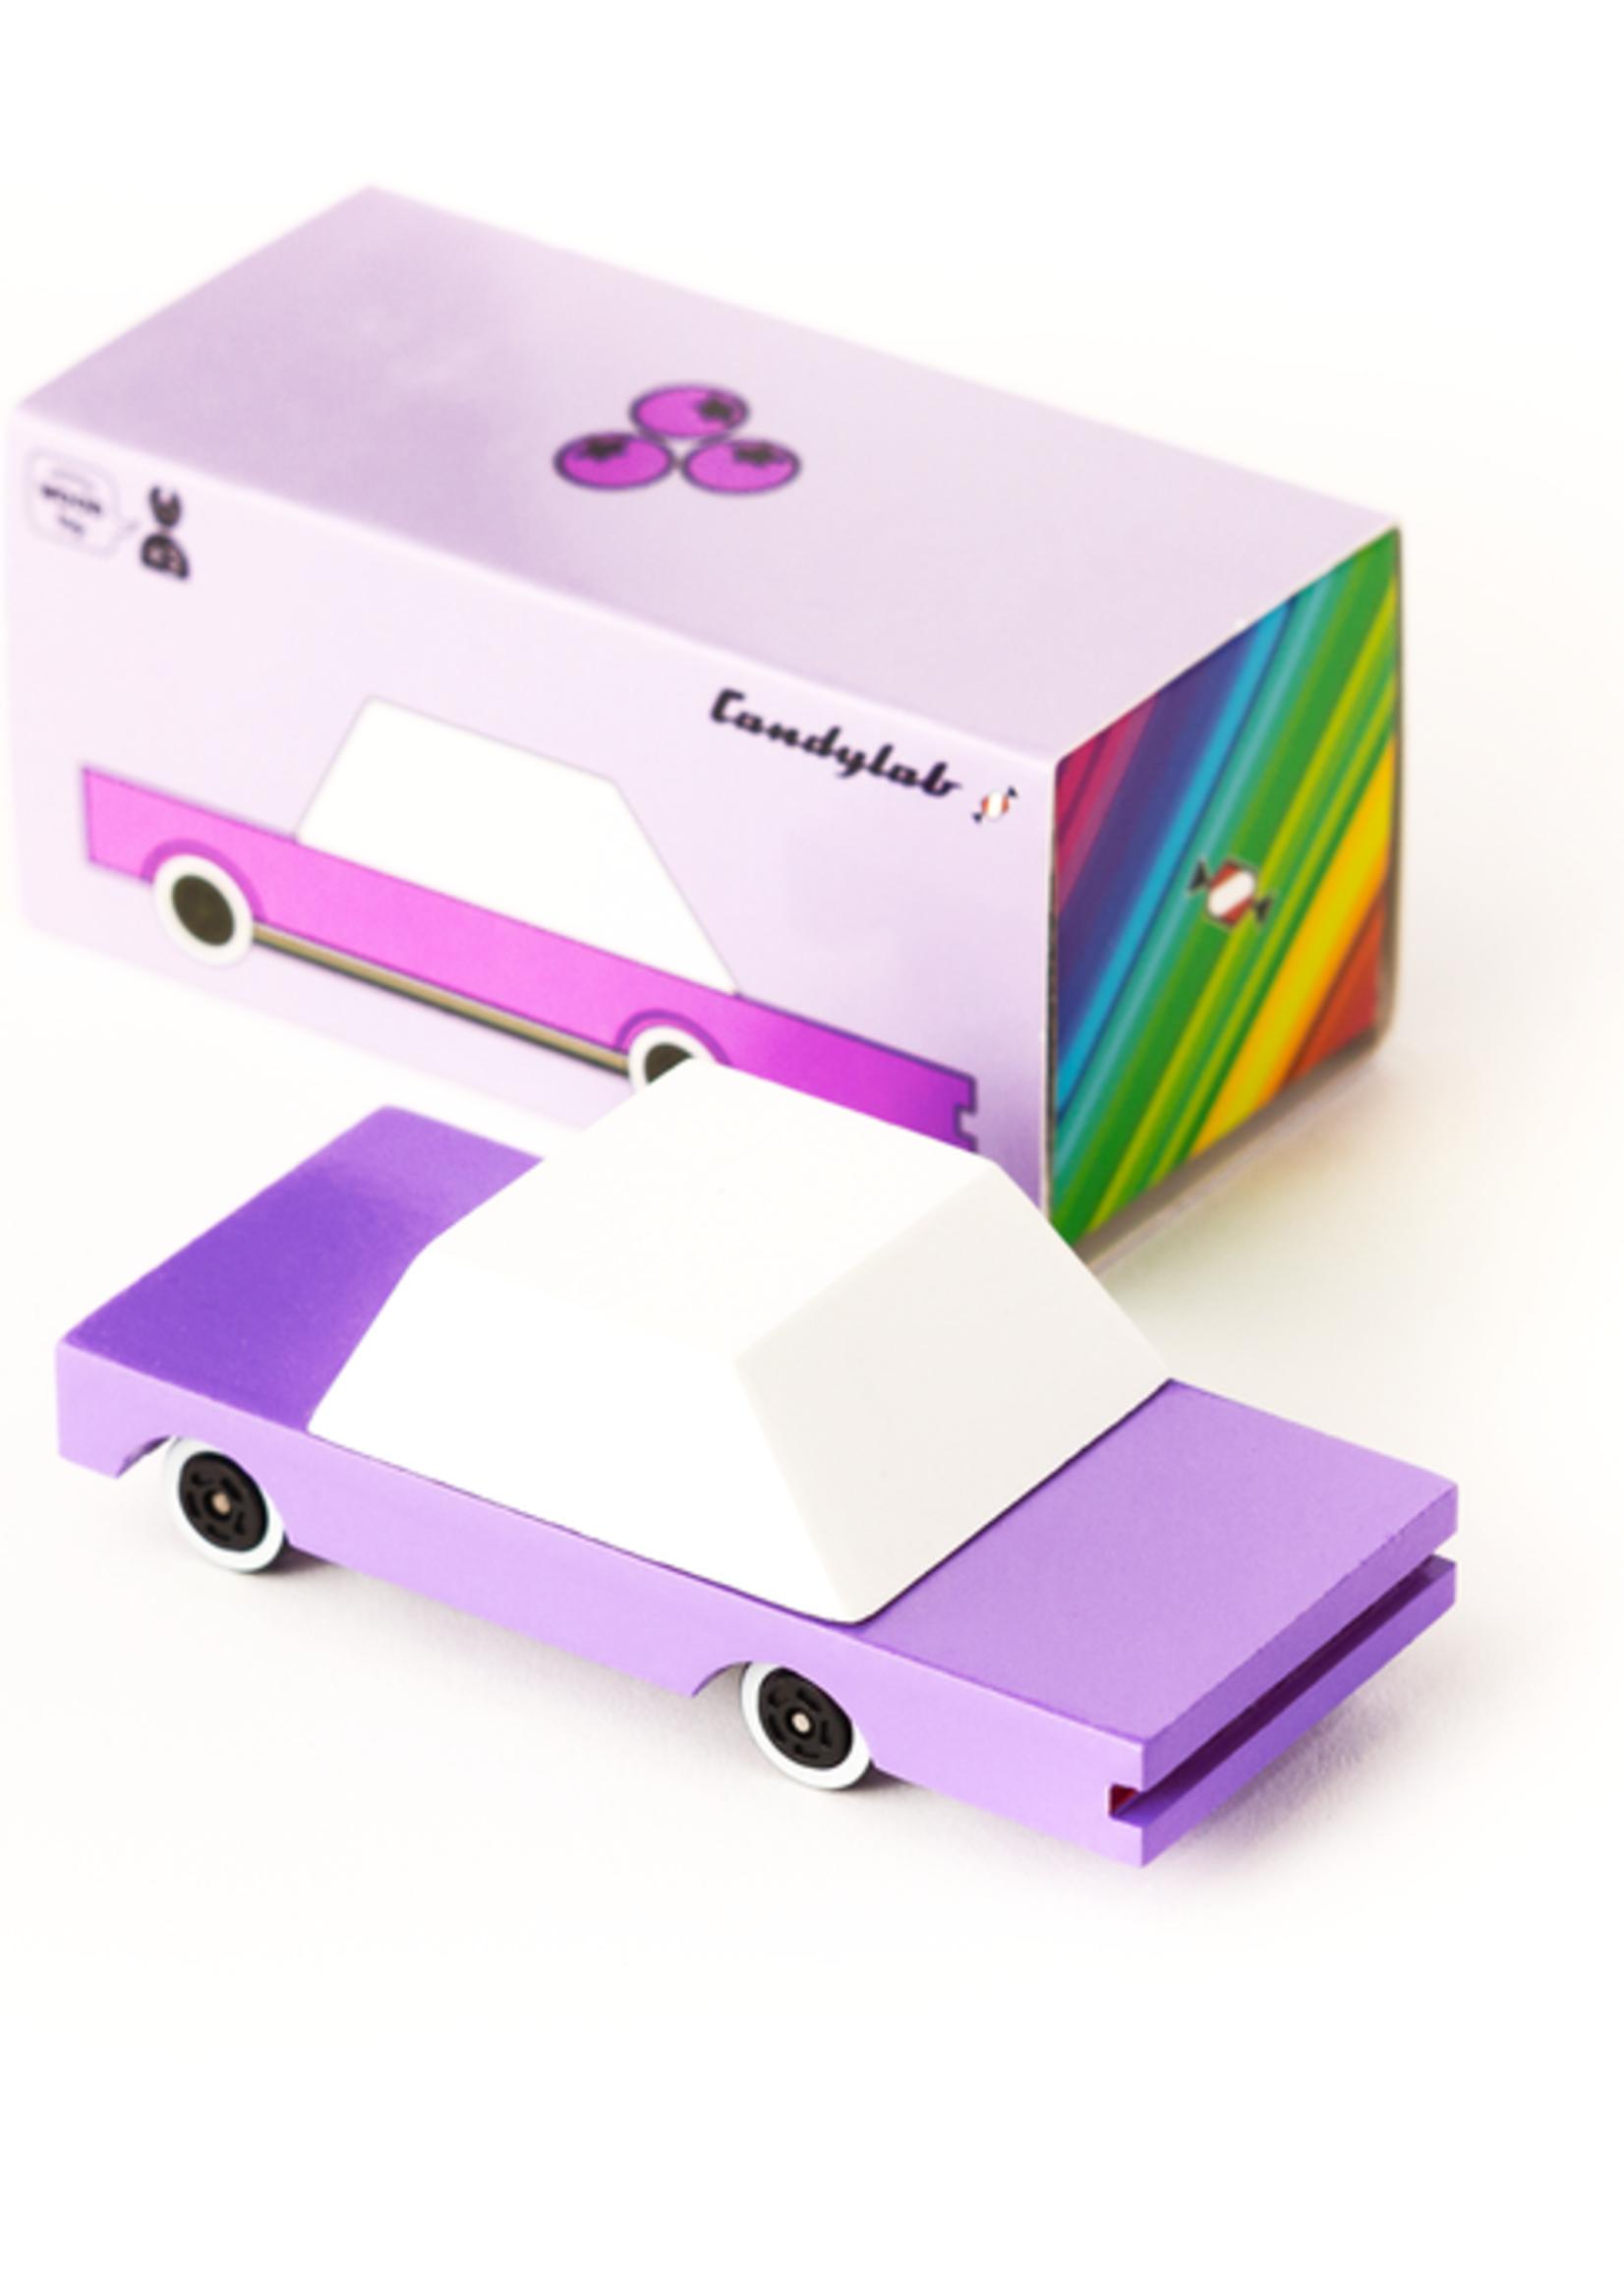 Candylab Candylab Candycar Sedan B. Berry